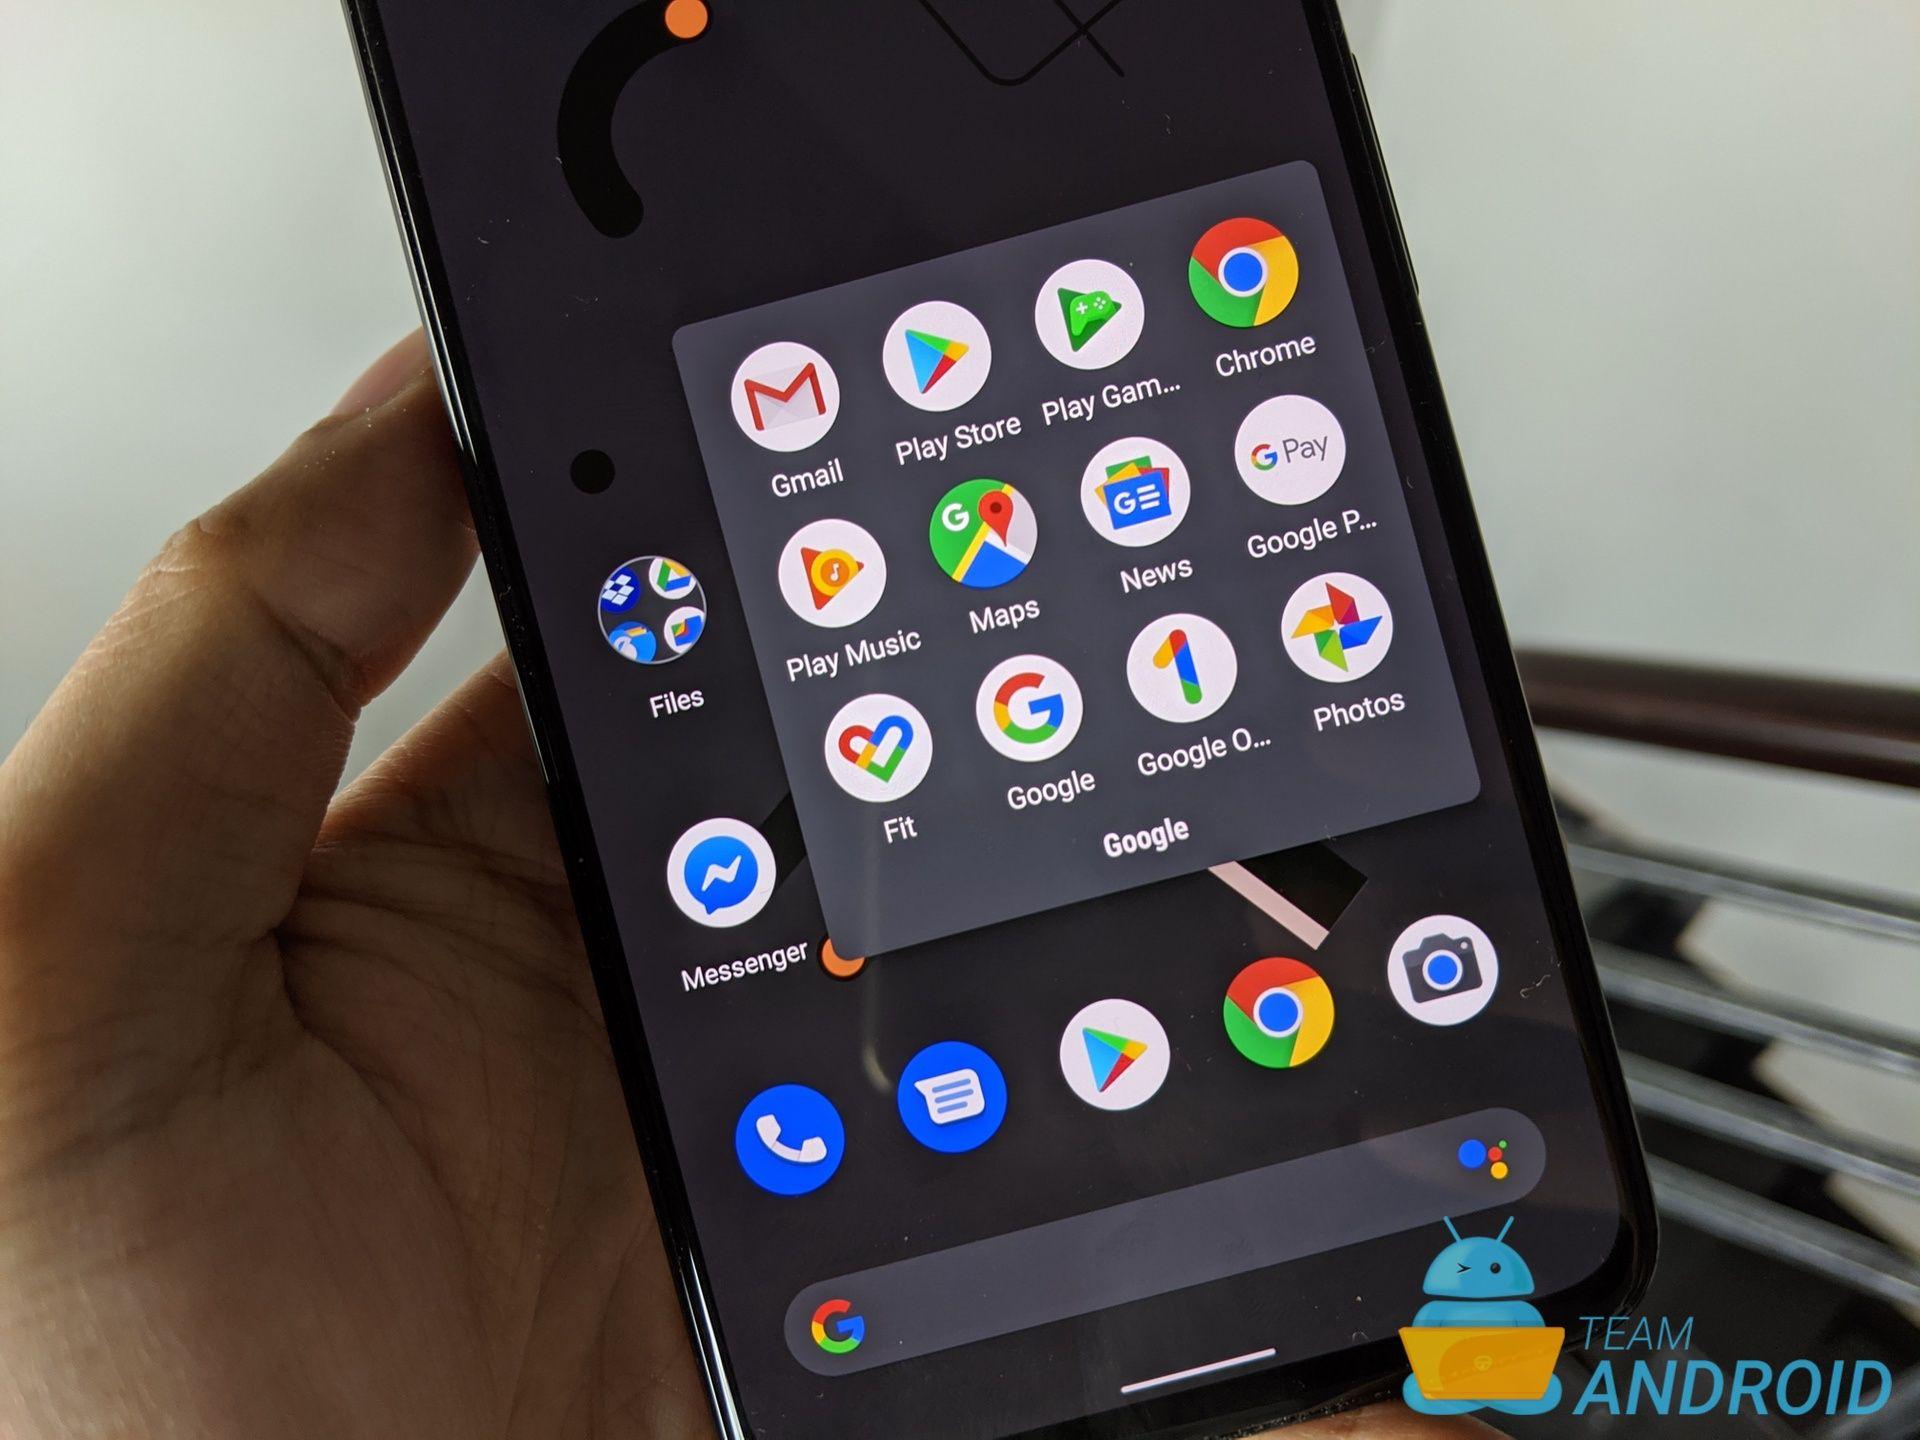 Dadlwythwch Android 10 Gapps (Google Apps) ar gyfer ROM, sydd bellach ar gael yn swyddogol ar Open Gapps